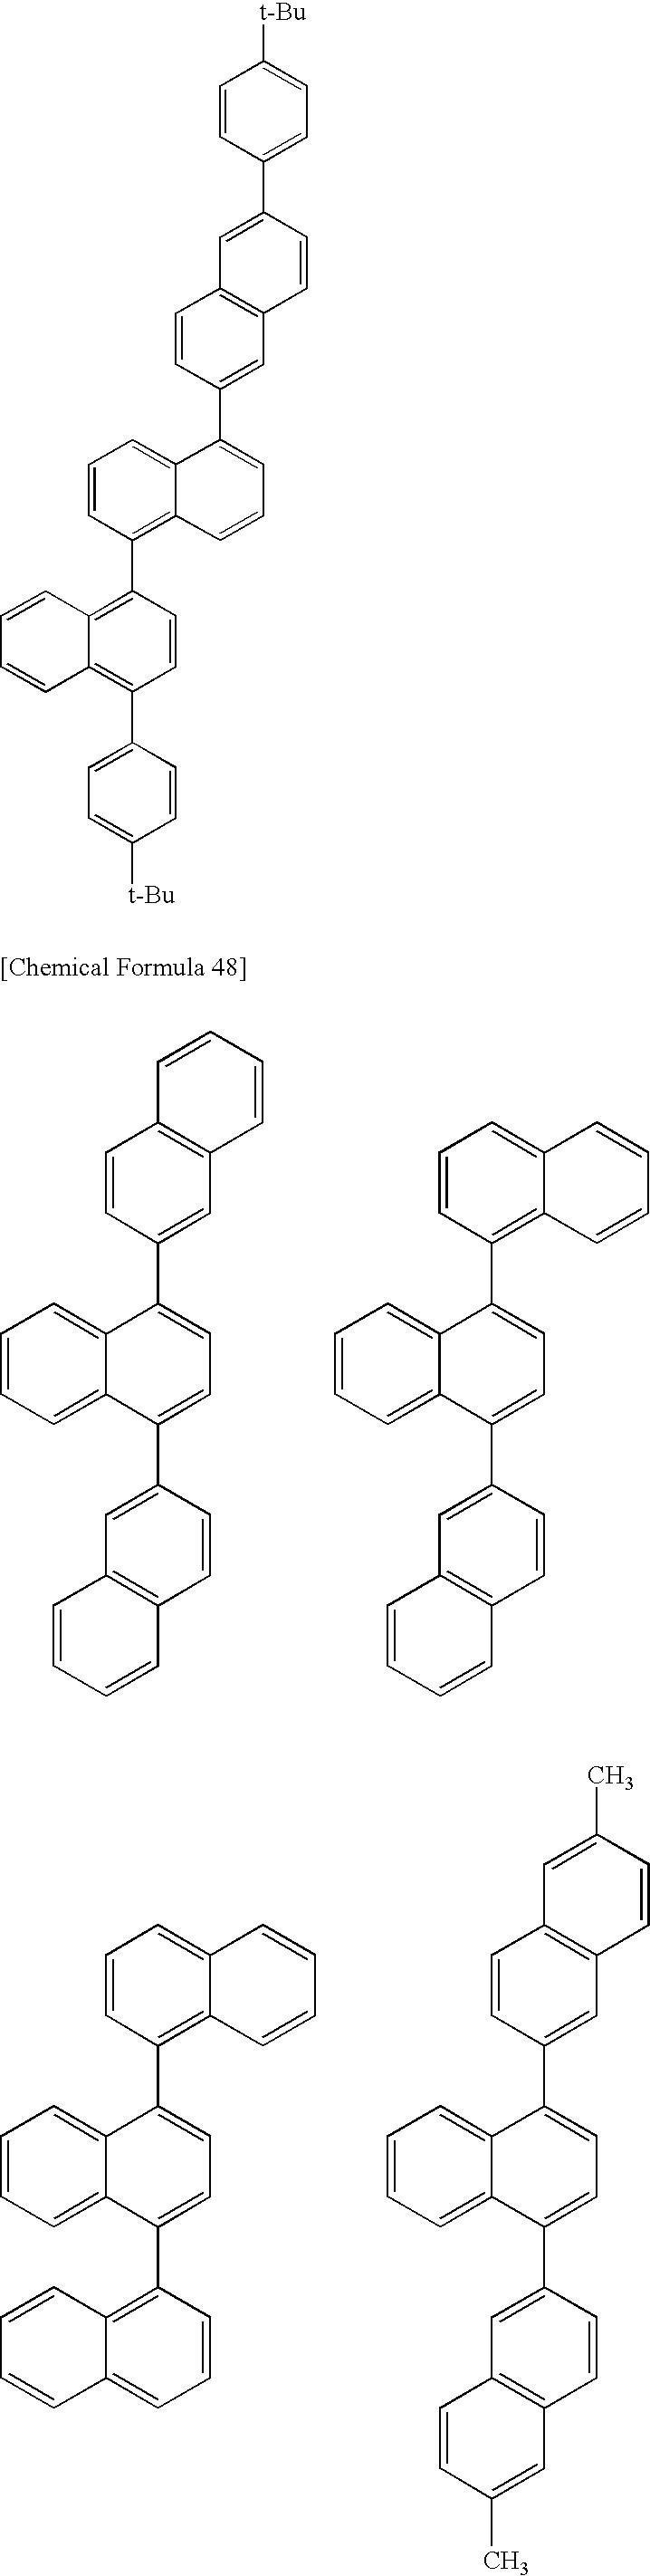 Figure US20100171109A1-20100708-C00074